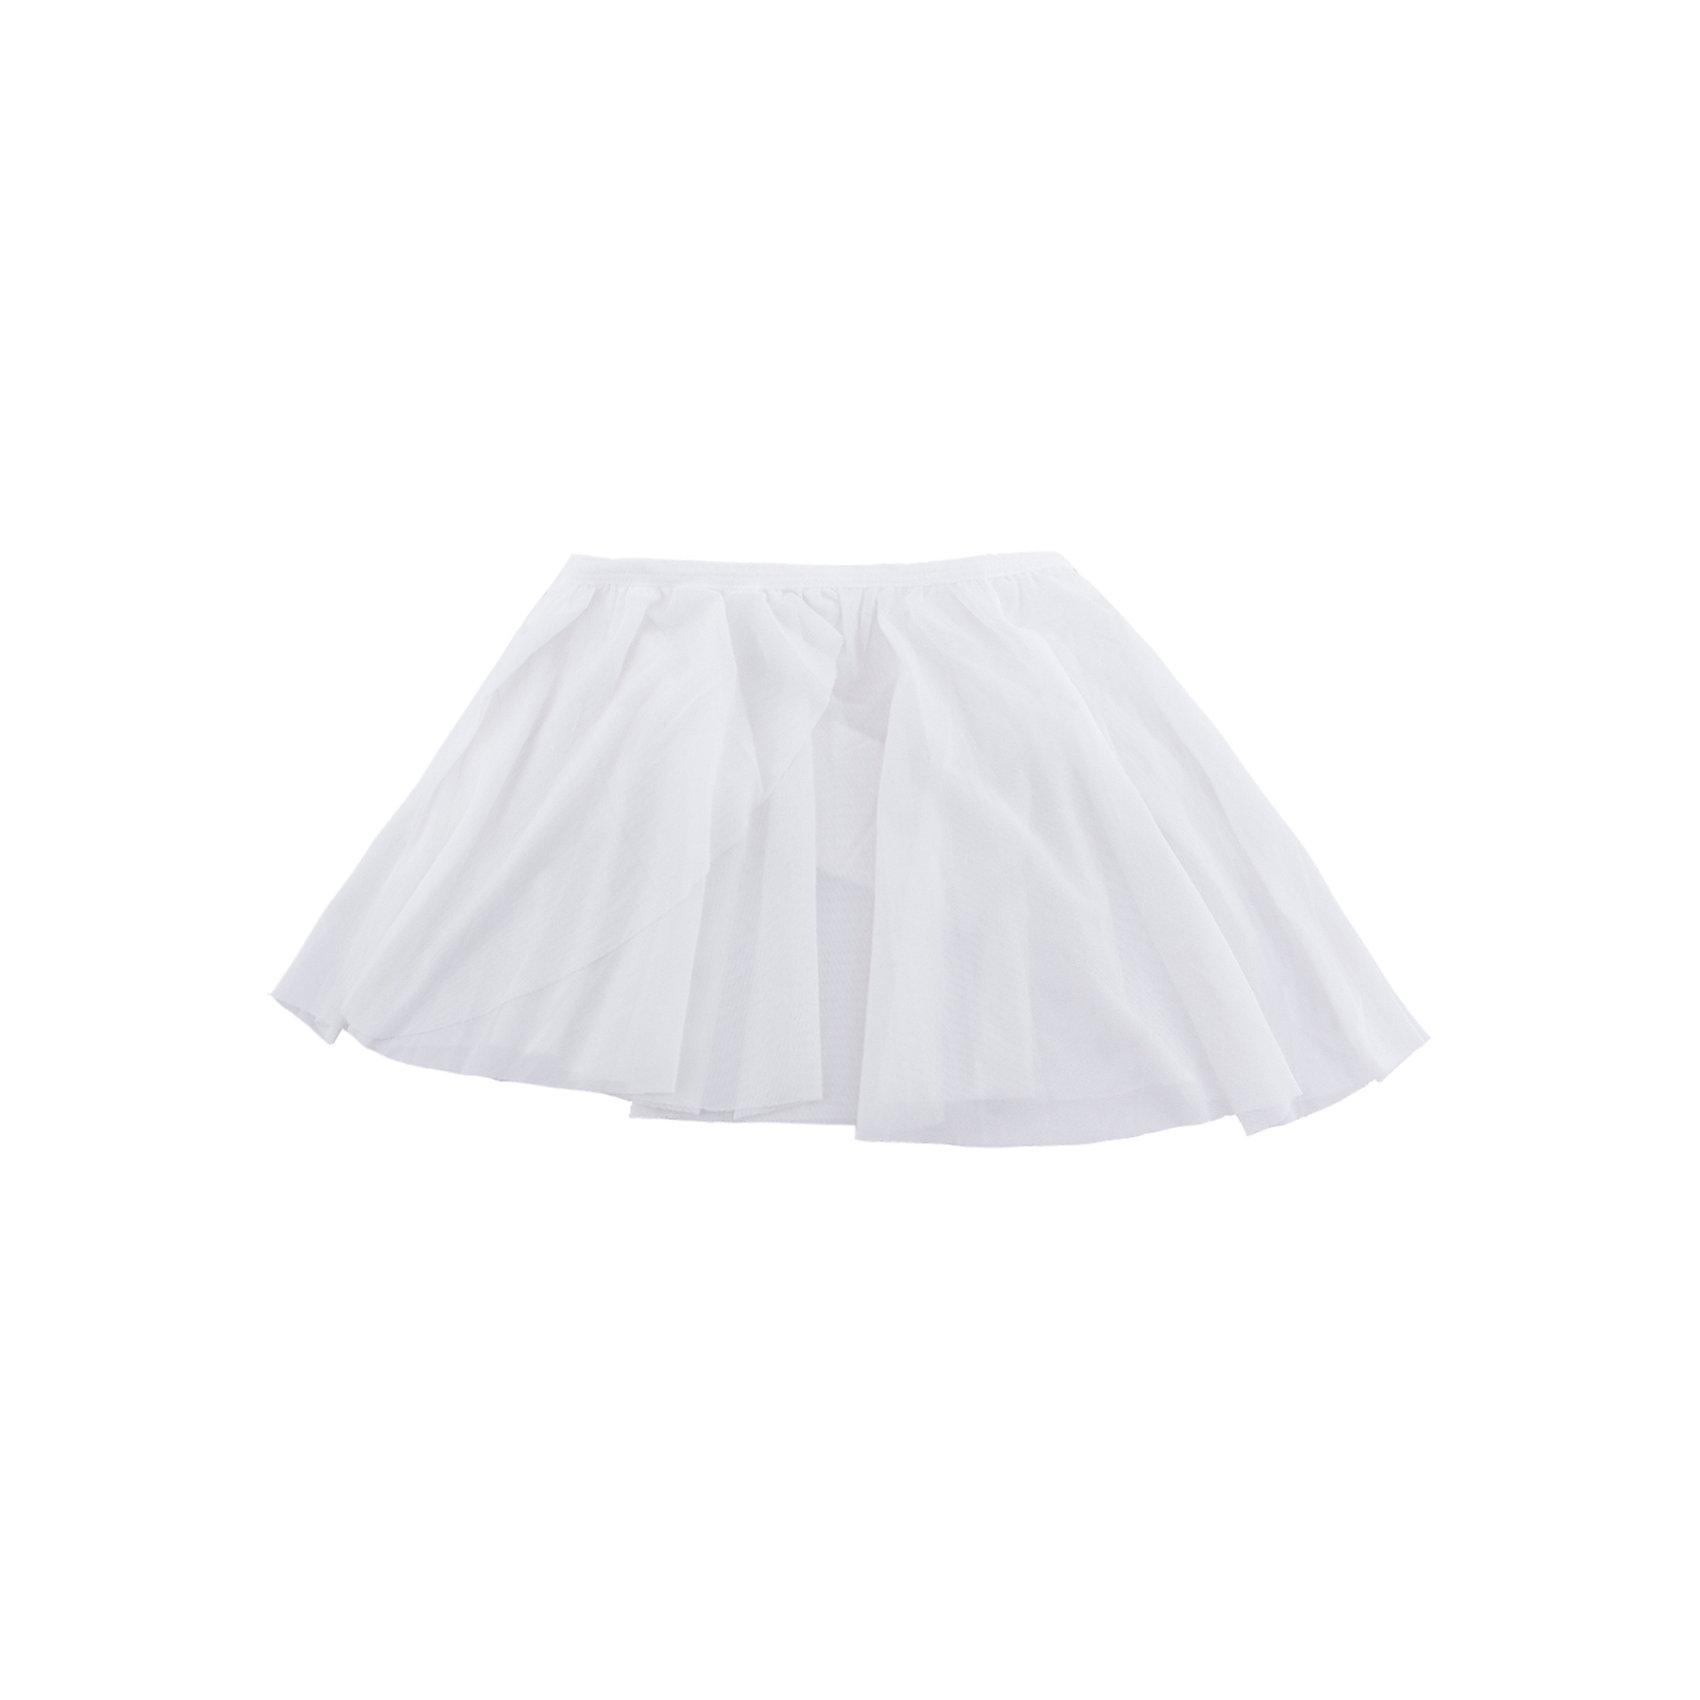 Юбка PlayToday для девочкиЮбки<br>Юбка PlayToday для девочки<br>Асимметричного кроя юбка из сетчатой ткани идеально подойдет для занятий танцами, гимнастикой. Легкий материал обеспечивает свободу движений.Преимущества: Аккуратные швы не вызывают неприятных ощущенийДаже частые стирки, при условии соблюдений рекомендаций по уходу, не изменят ни форму, ни цвет изделия<br>Состав:<br>95% нейлон, 5% эластан<br><br>Ширина мм: 207<br>Глубина мм: 10<br>Высота мм: 189<br>Вес г: 183<br>Цвет: черный<br>Возраст от месяцев: 96<br>Возраст до месяцев: 108<br>Пол: Женский<br>Возраст: Детский<br>Размер: 134,98,110,122<br>SKU: 7111210